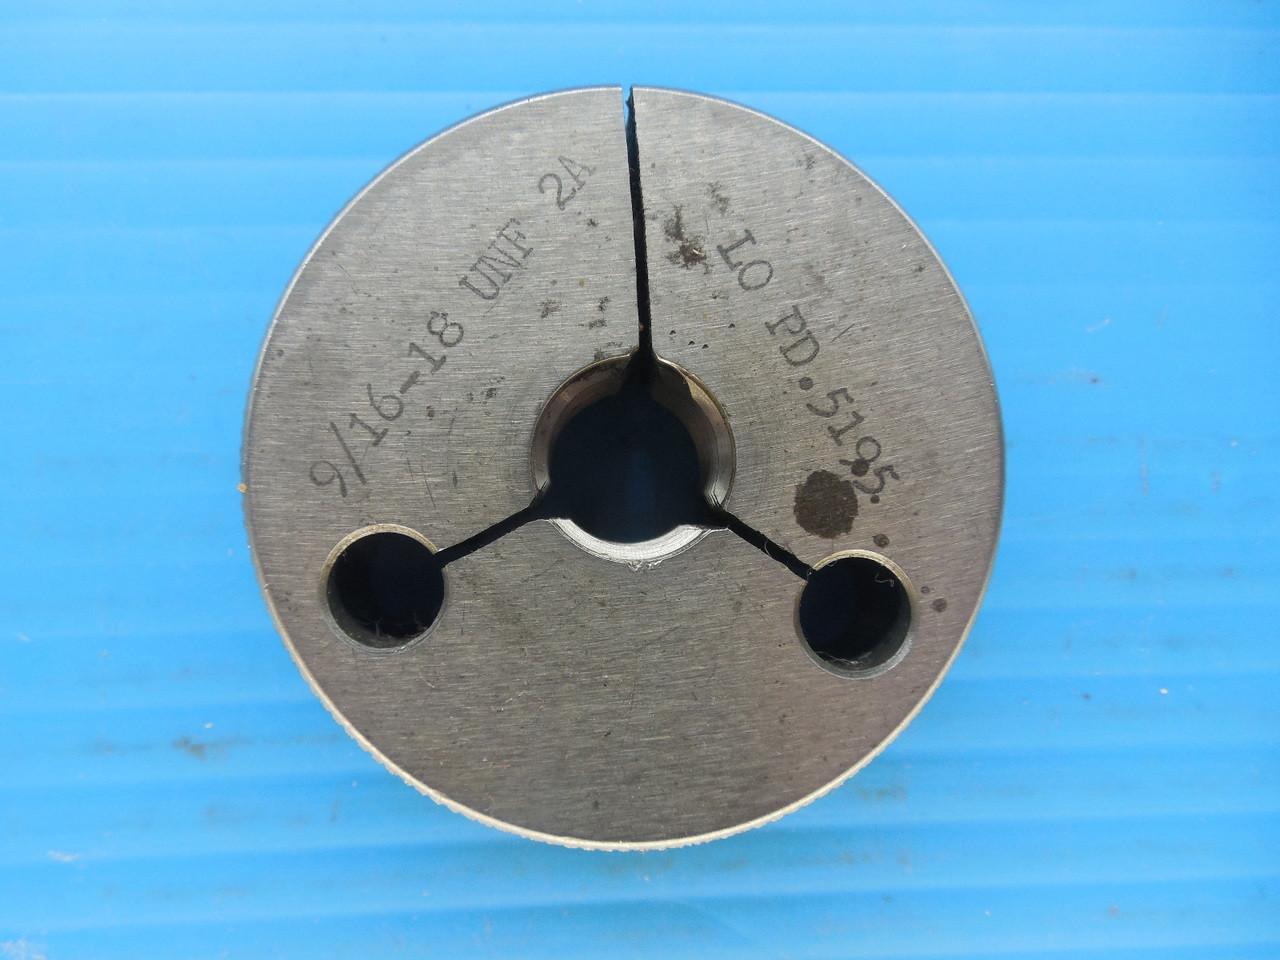 NEW 9//16 18 UNF 2B THREAD PLUG GAGE .5625 GO NO GO P.D./'S = .5264 /& .5323 TOOLS